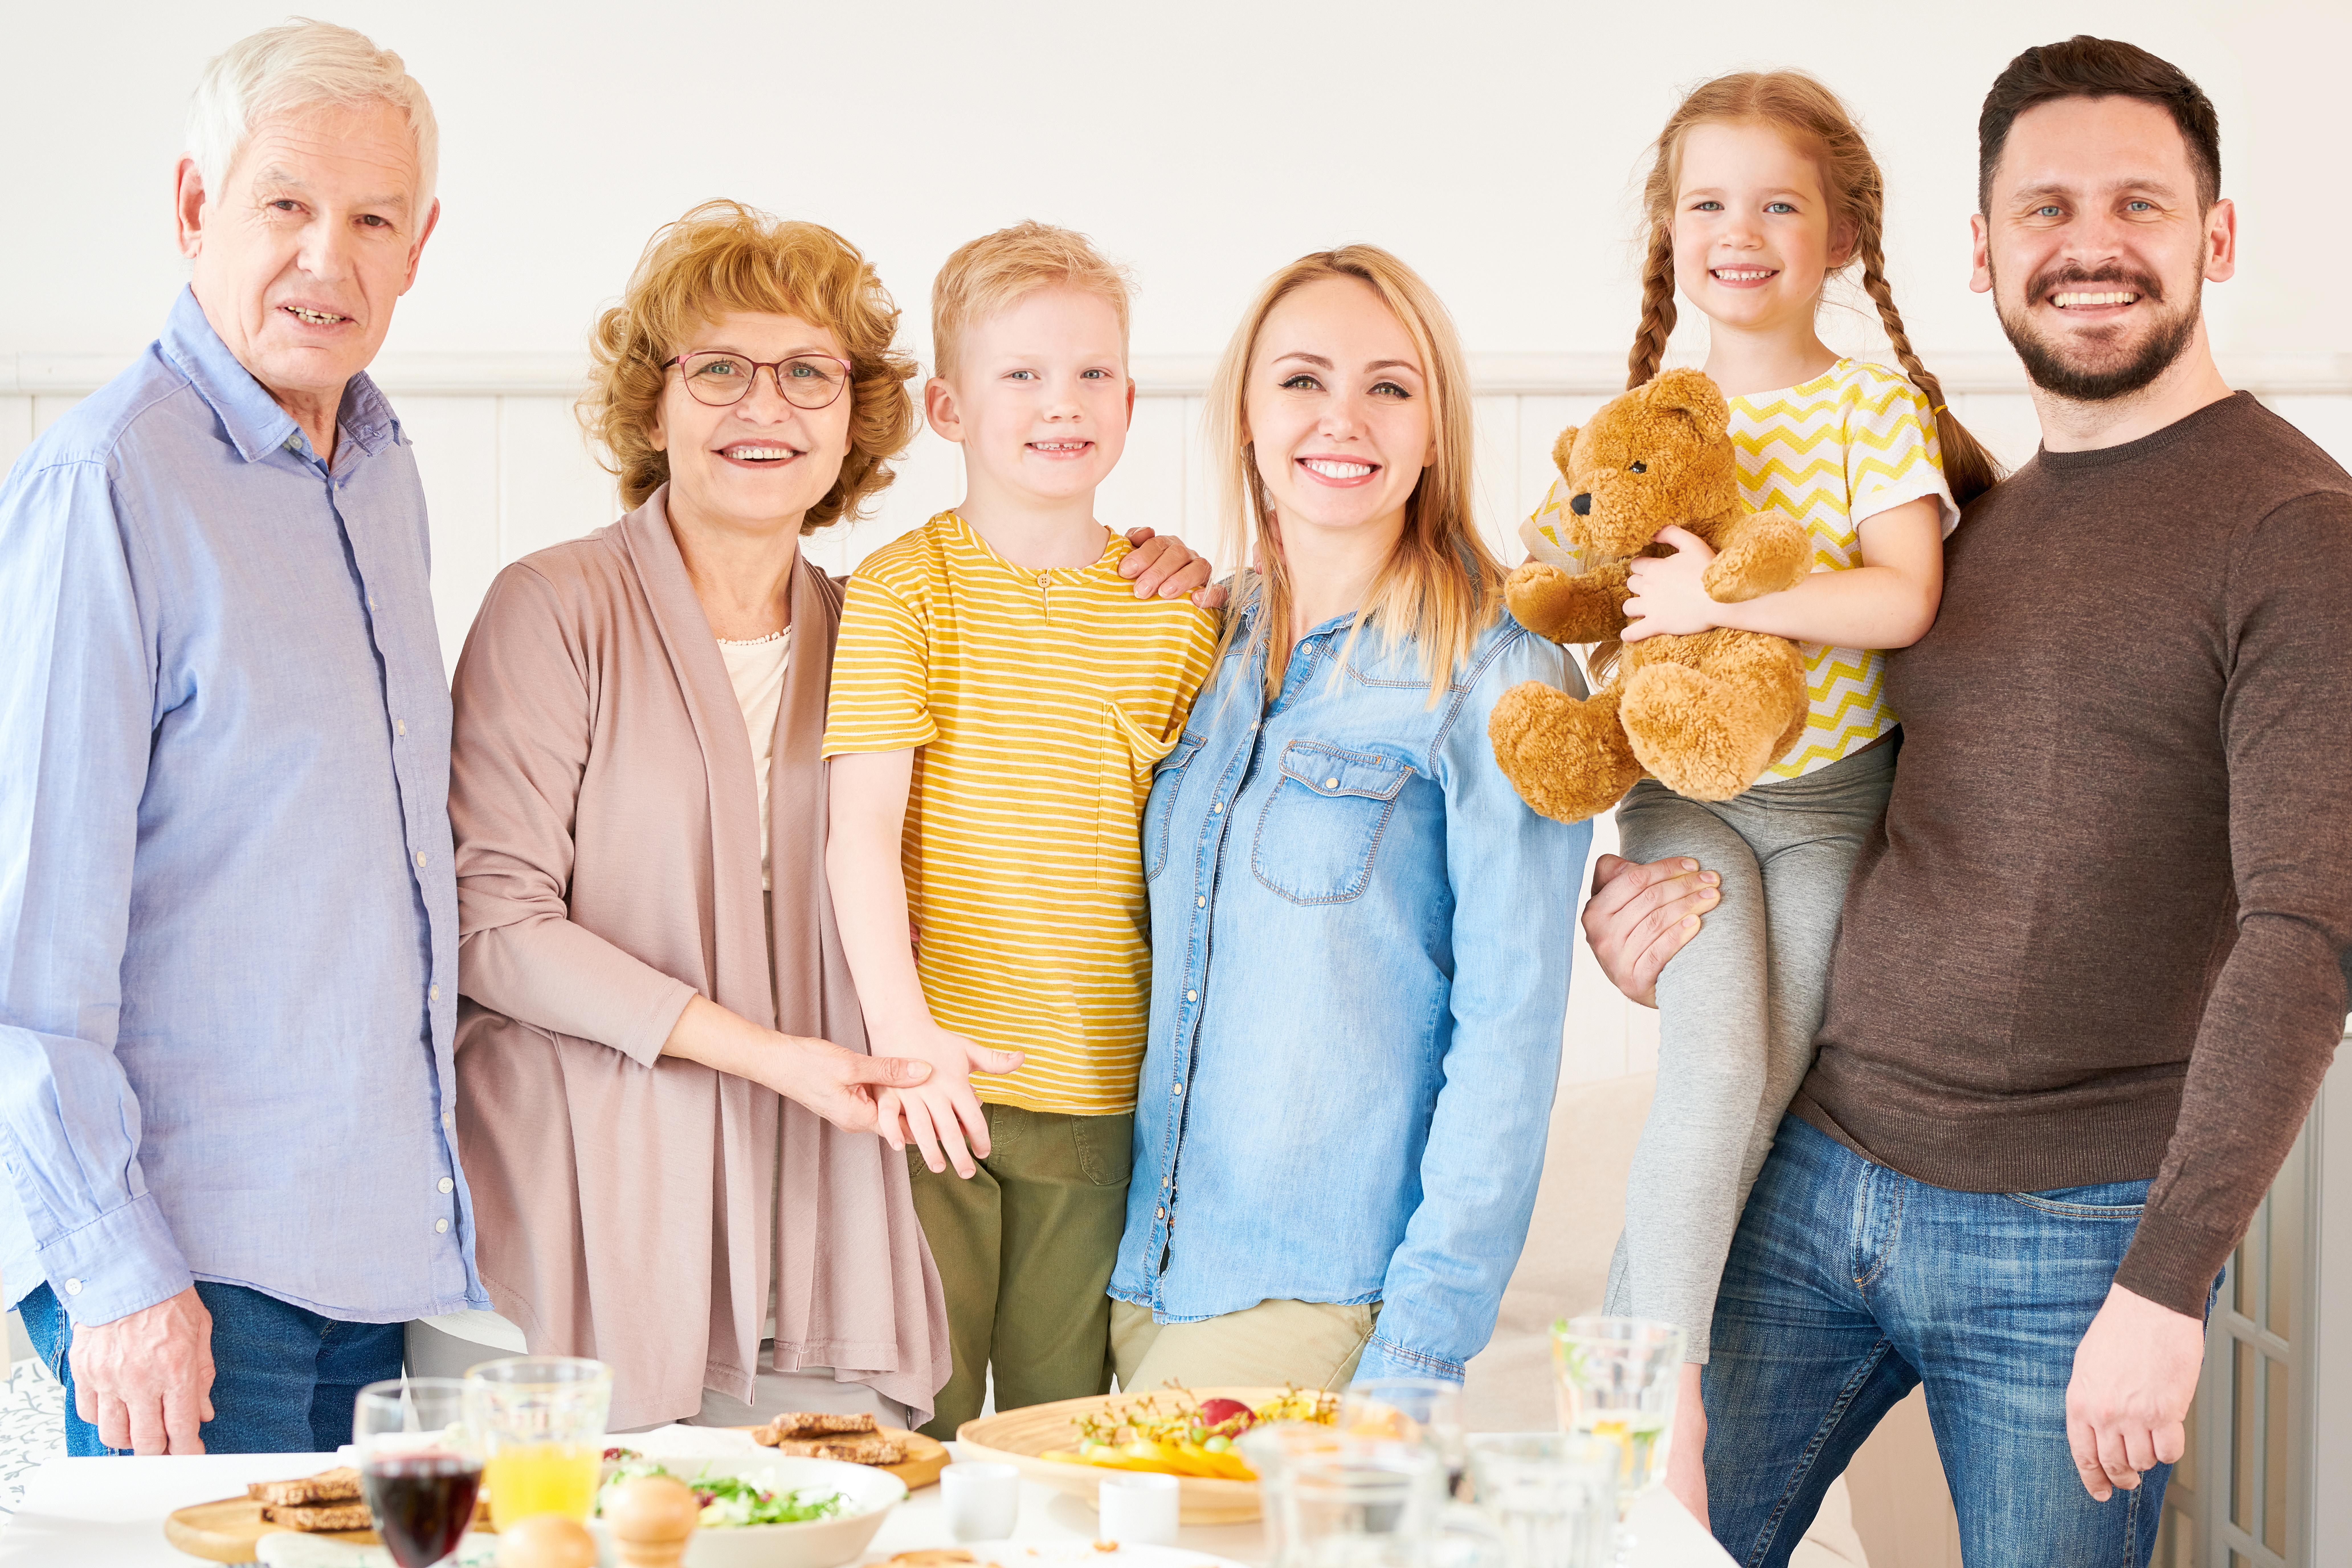 Воссоединение семьи как способ получить ВНЖ и ПМЖ Словакии